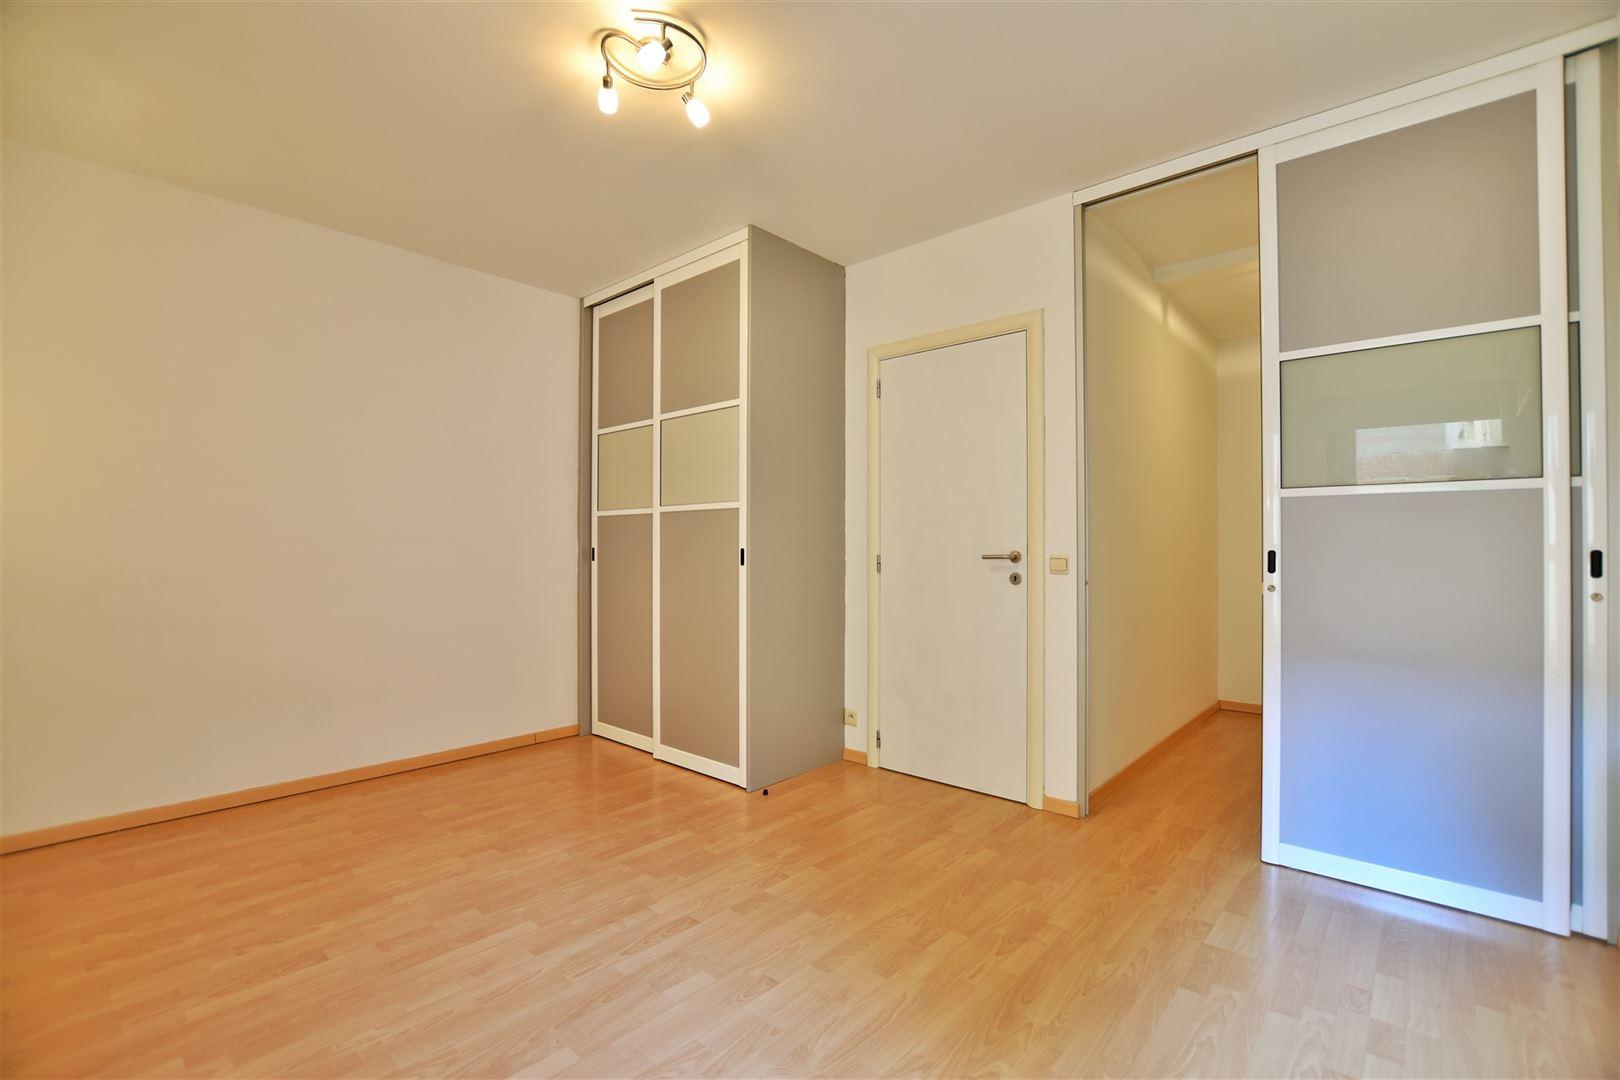 Foto 14 : Appartement te 8400 OOSTENDE (België) - Prijs € 299.000